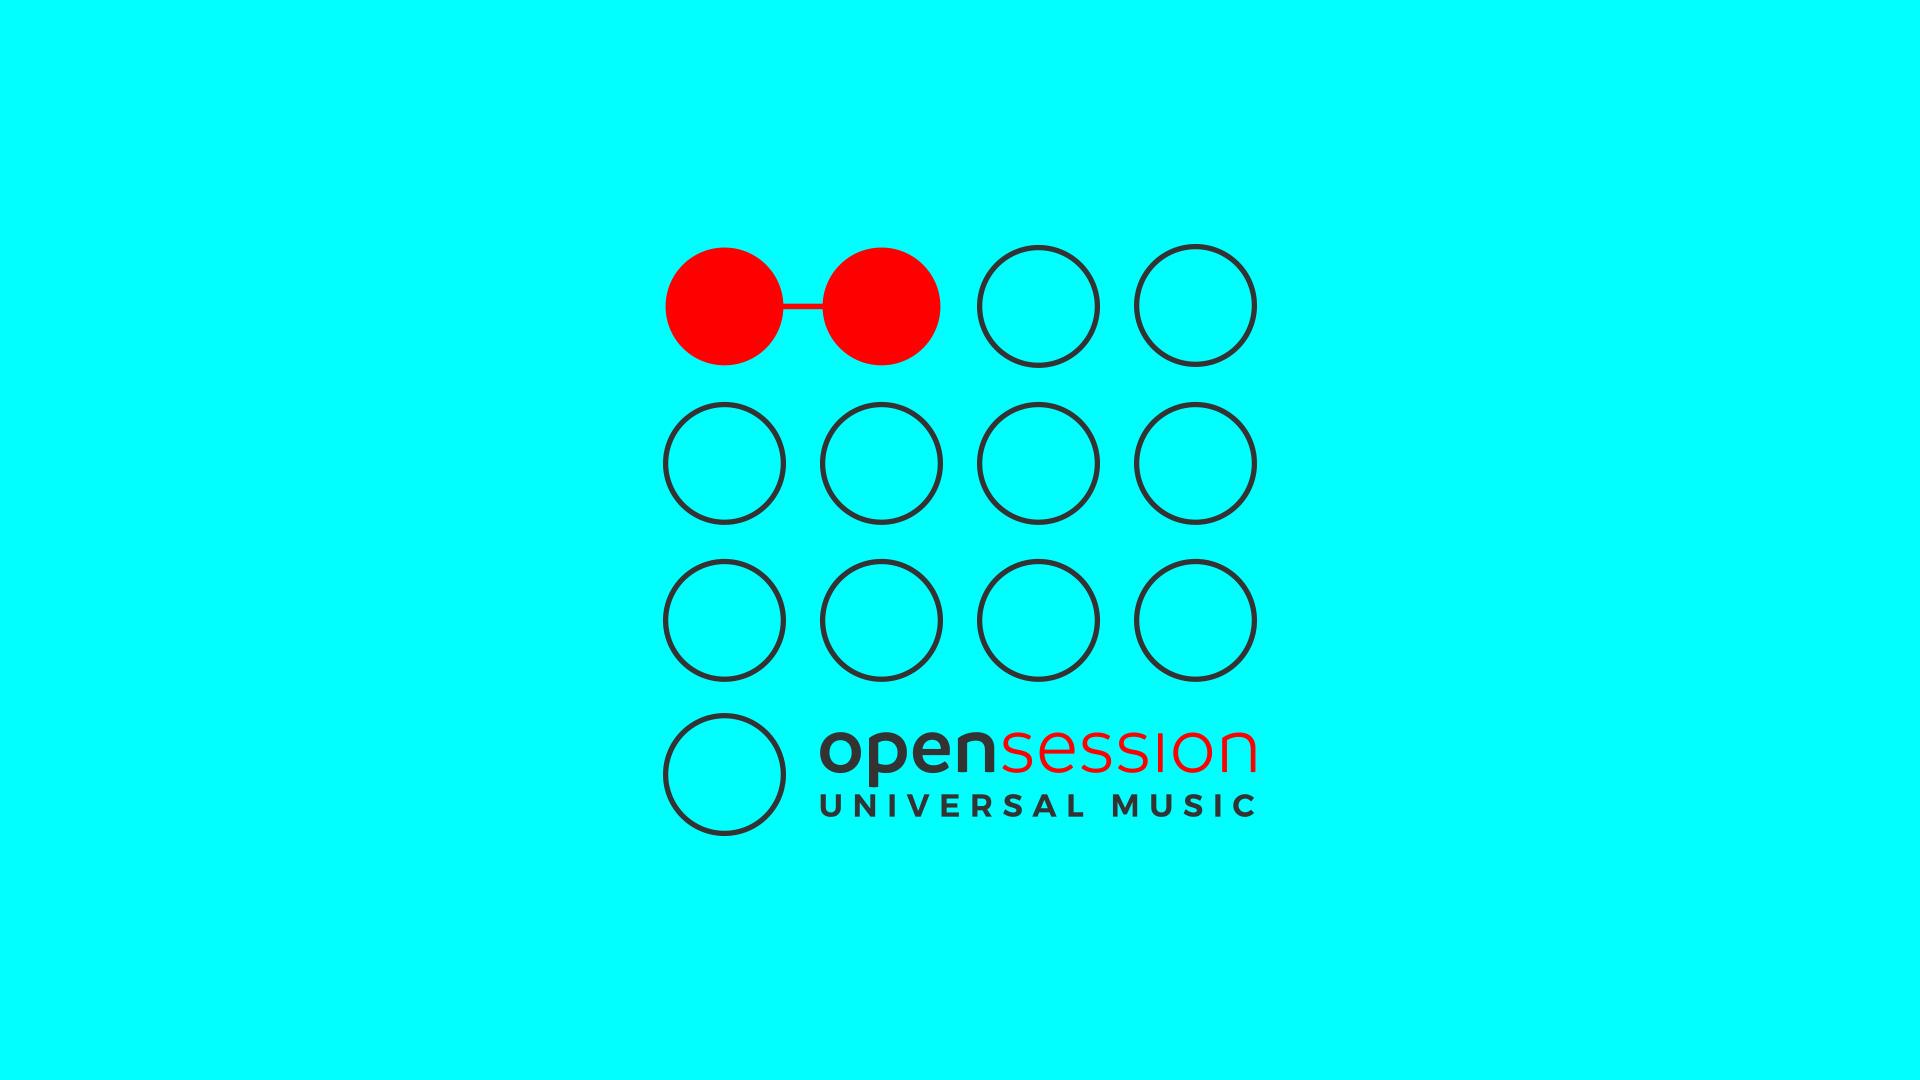 quentin-paquignon-universalmusicfrance-opensession2018-03.png